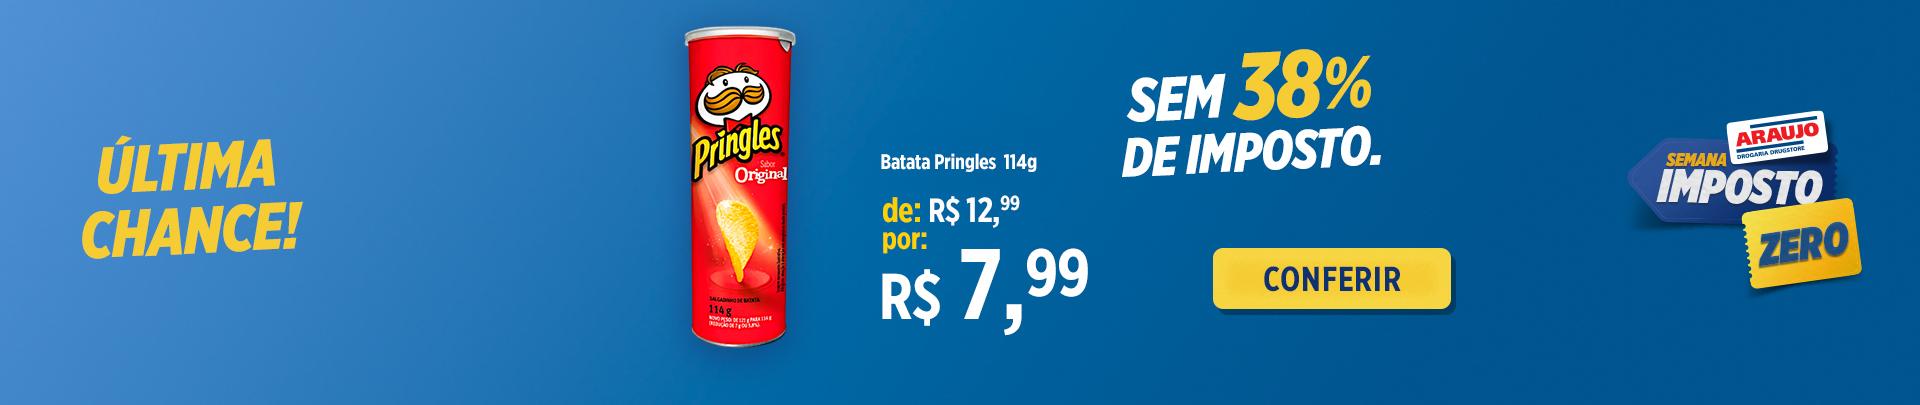 Pringles_Dli